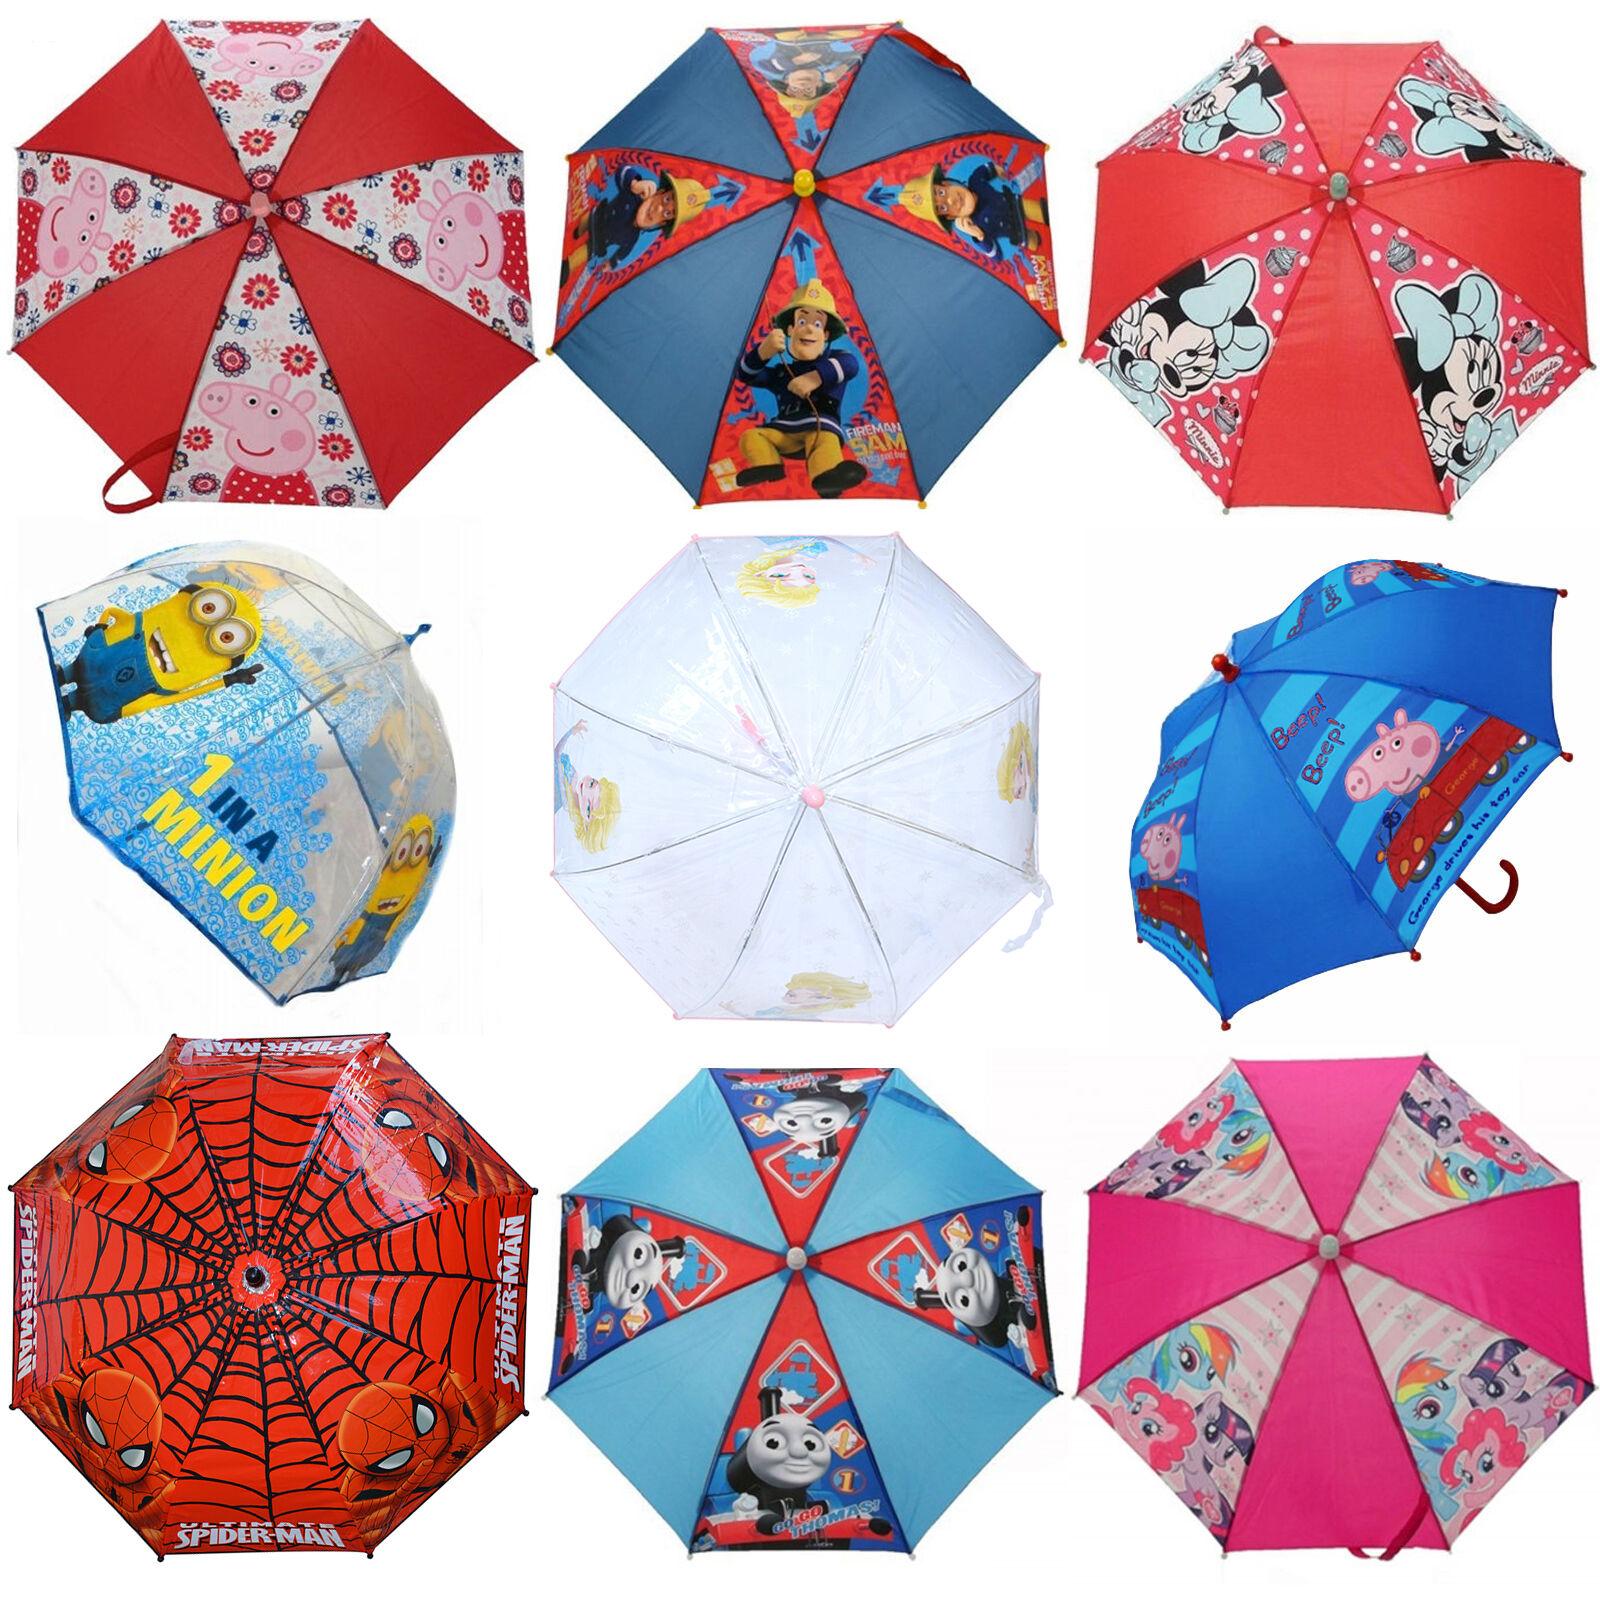 Minions Movie /'Friends/' School Rain Brolly Umbrella Brand New Gift